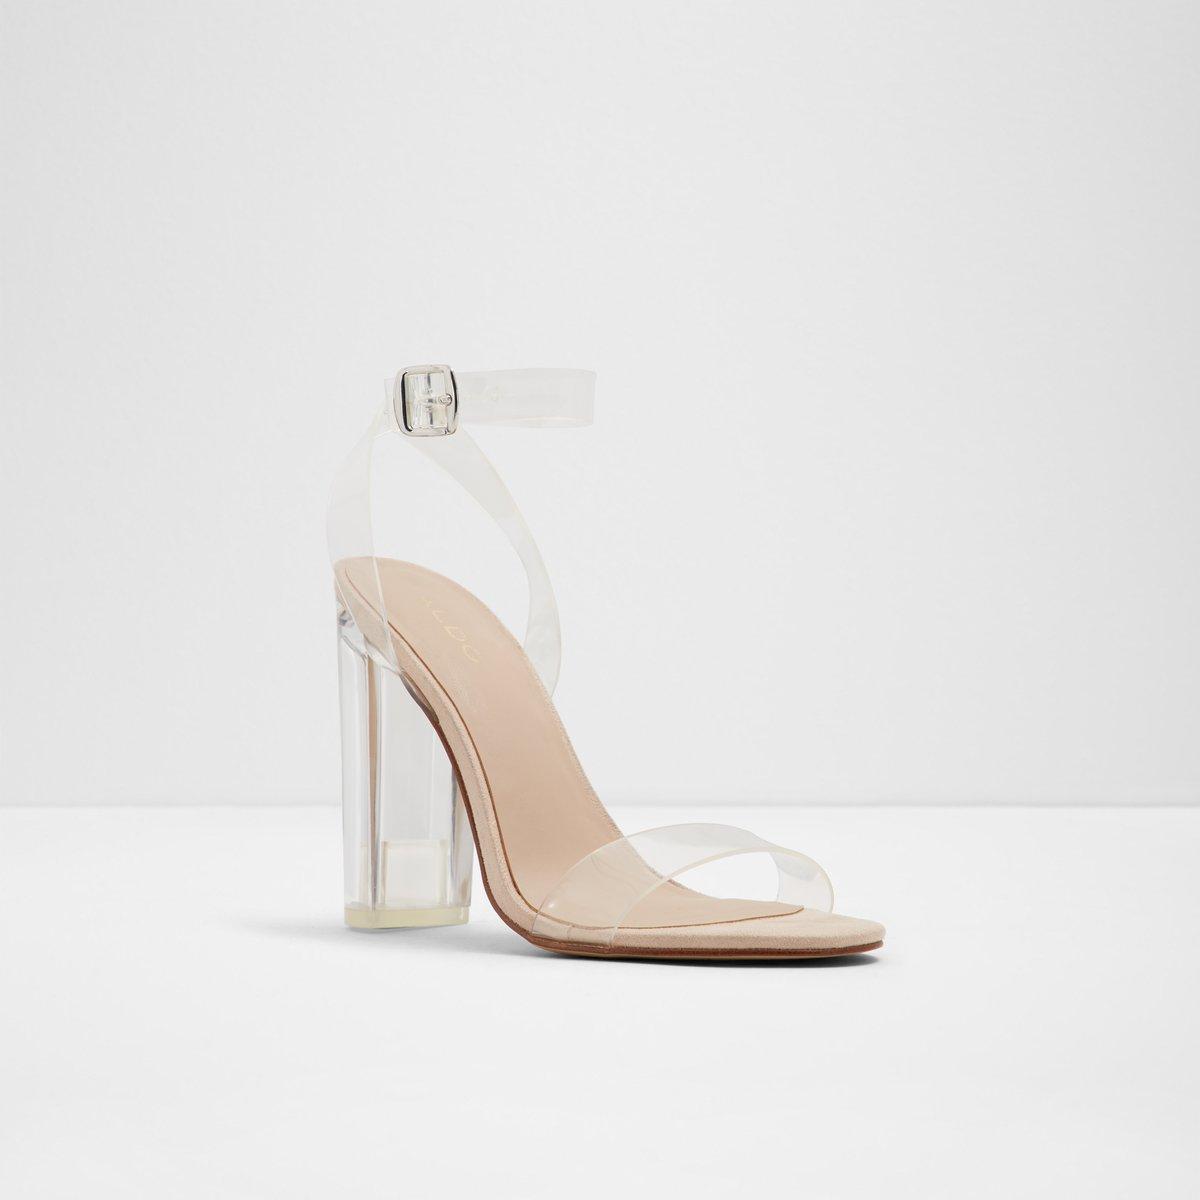 7c42242f461a Aniwien Bone Misc. Women s Heels